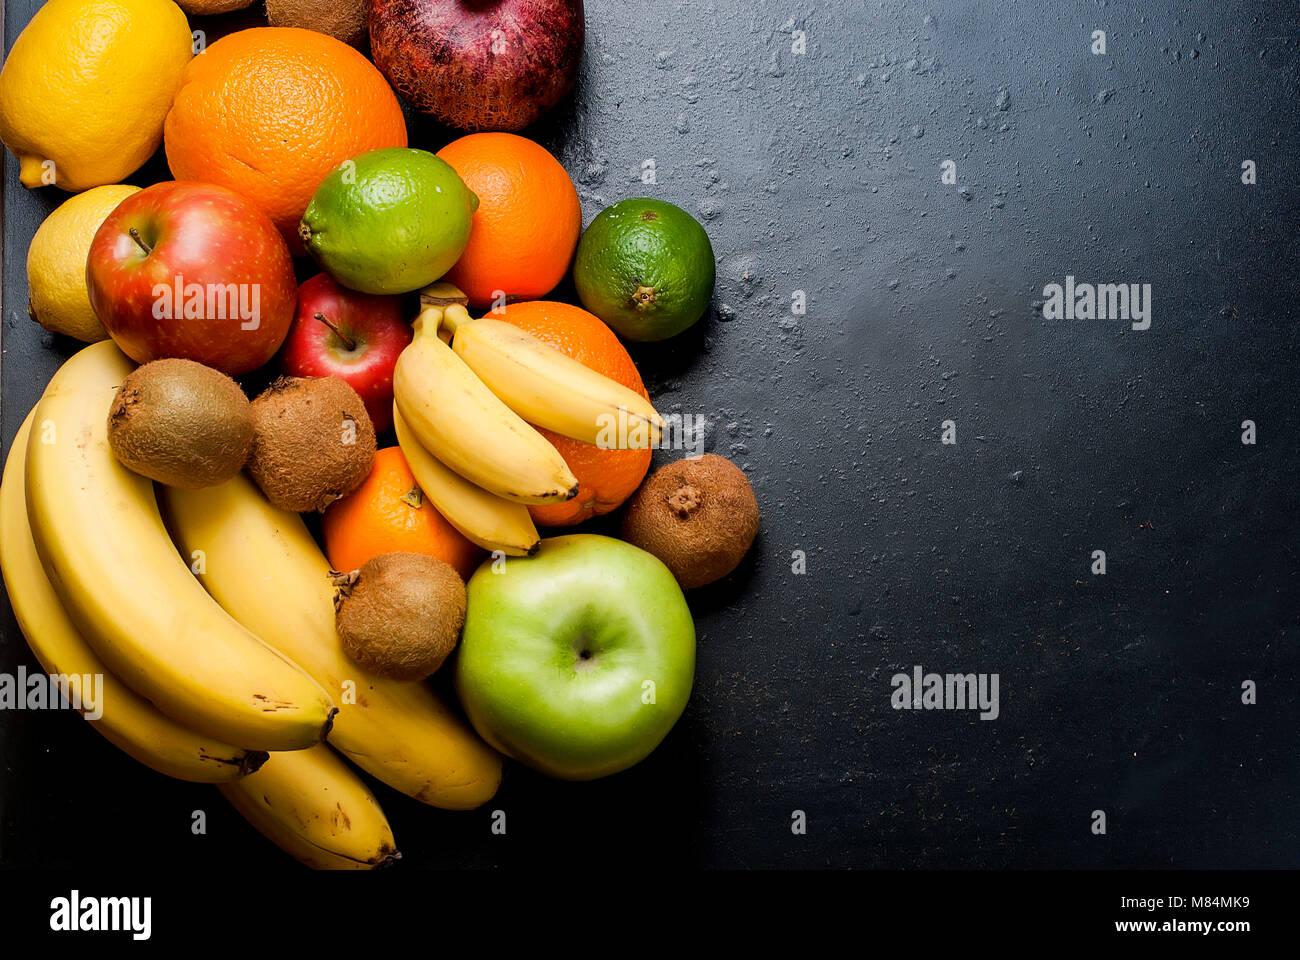 Vielzahl von frischen Zitrusfrüchten auf dunklem Hintergrund aus Schichten von Kiwi, Bananen, aplle und orange, Stockbild